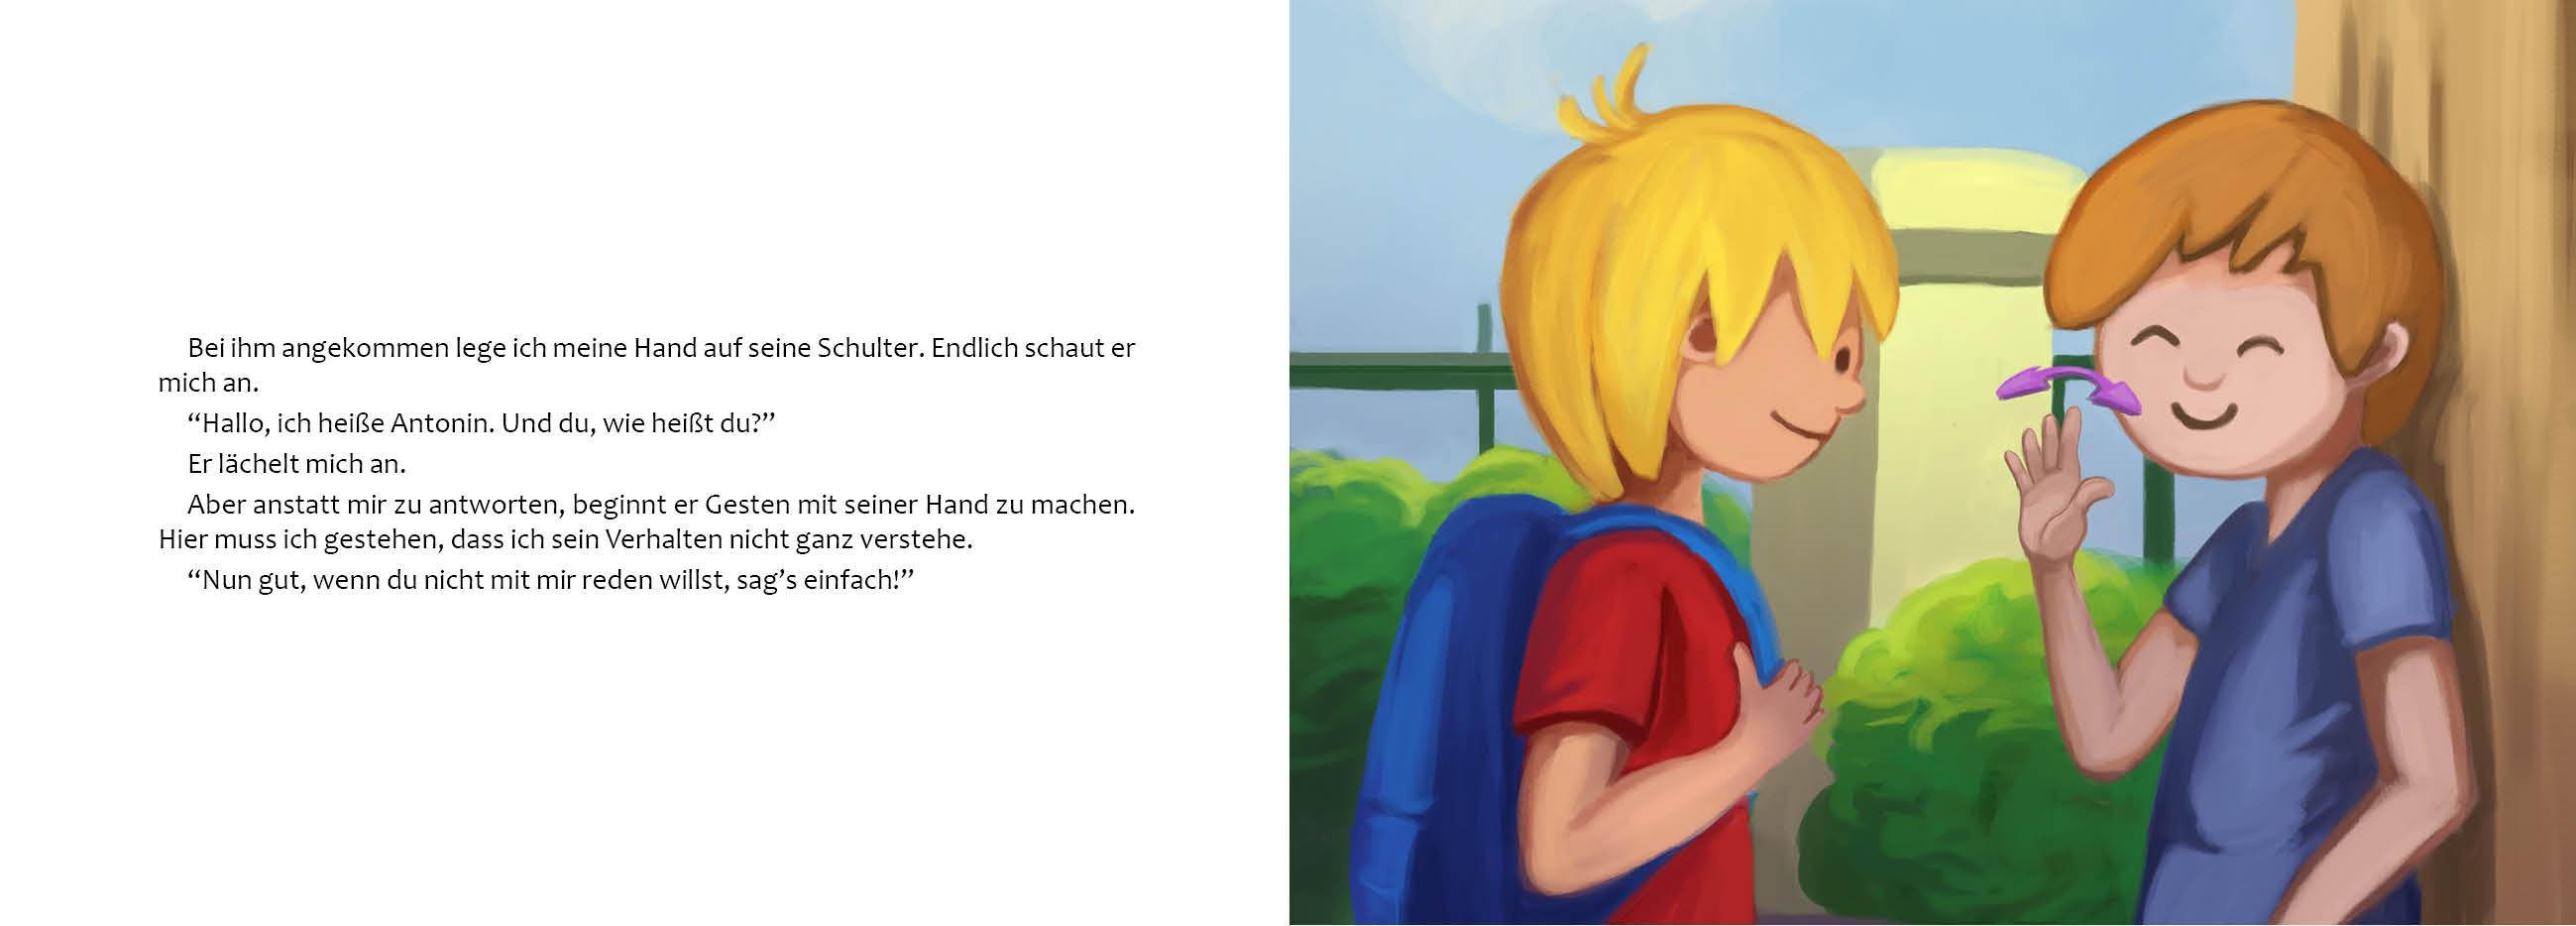 Mein-freund-Samuel-extraits8